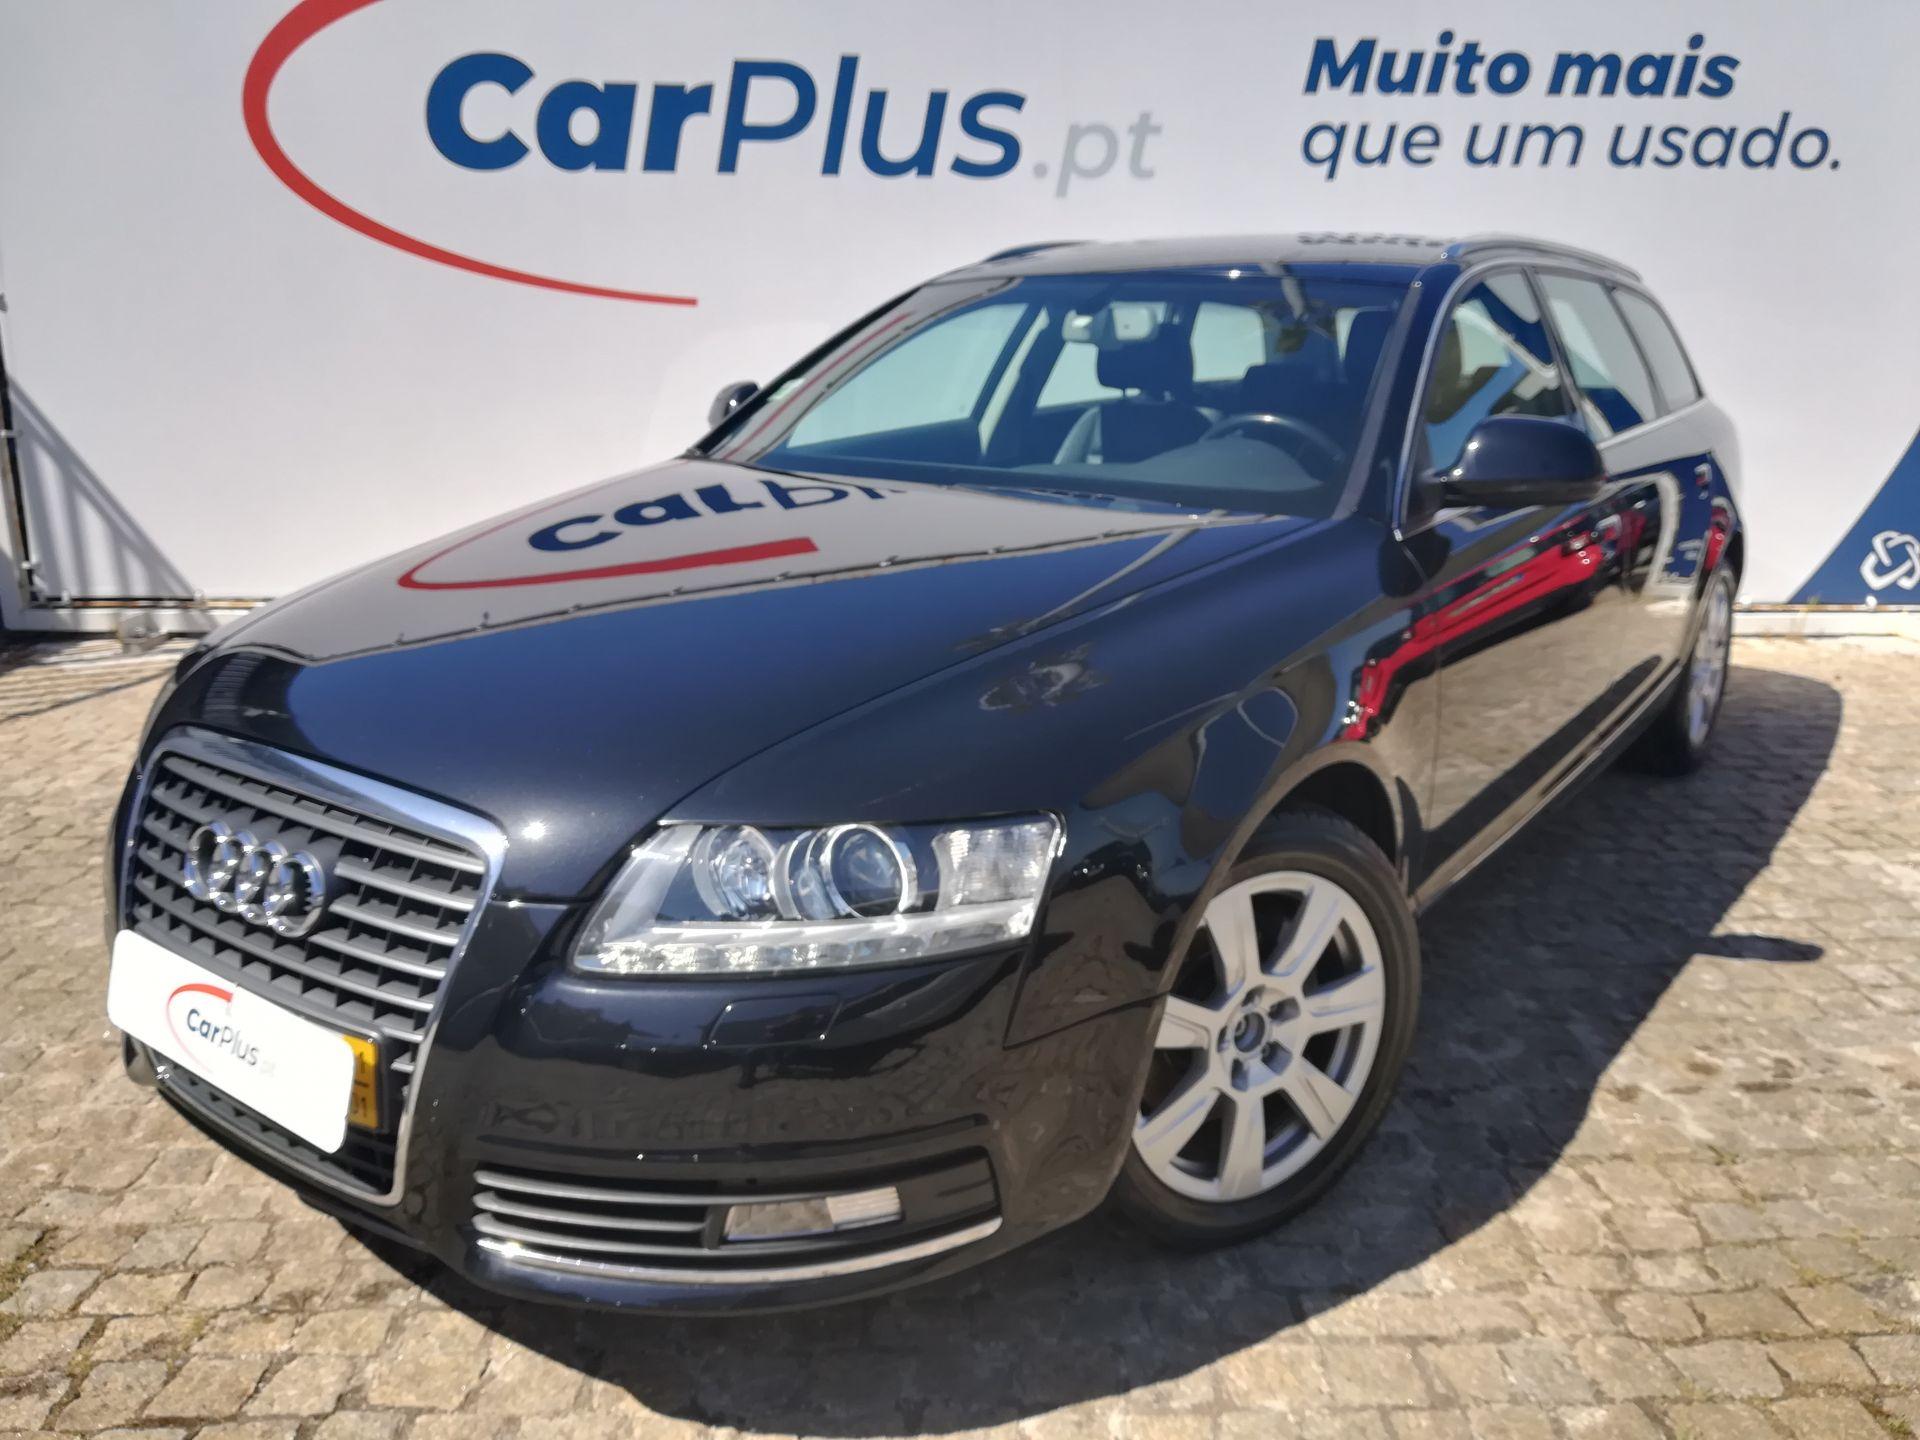 Audi A6 2.0 TDI 170 cv Avant segunda mão Lisboa